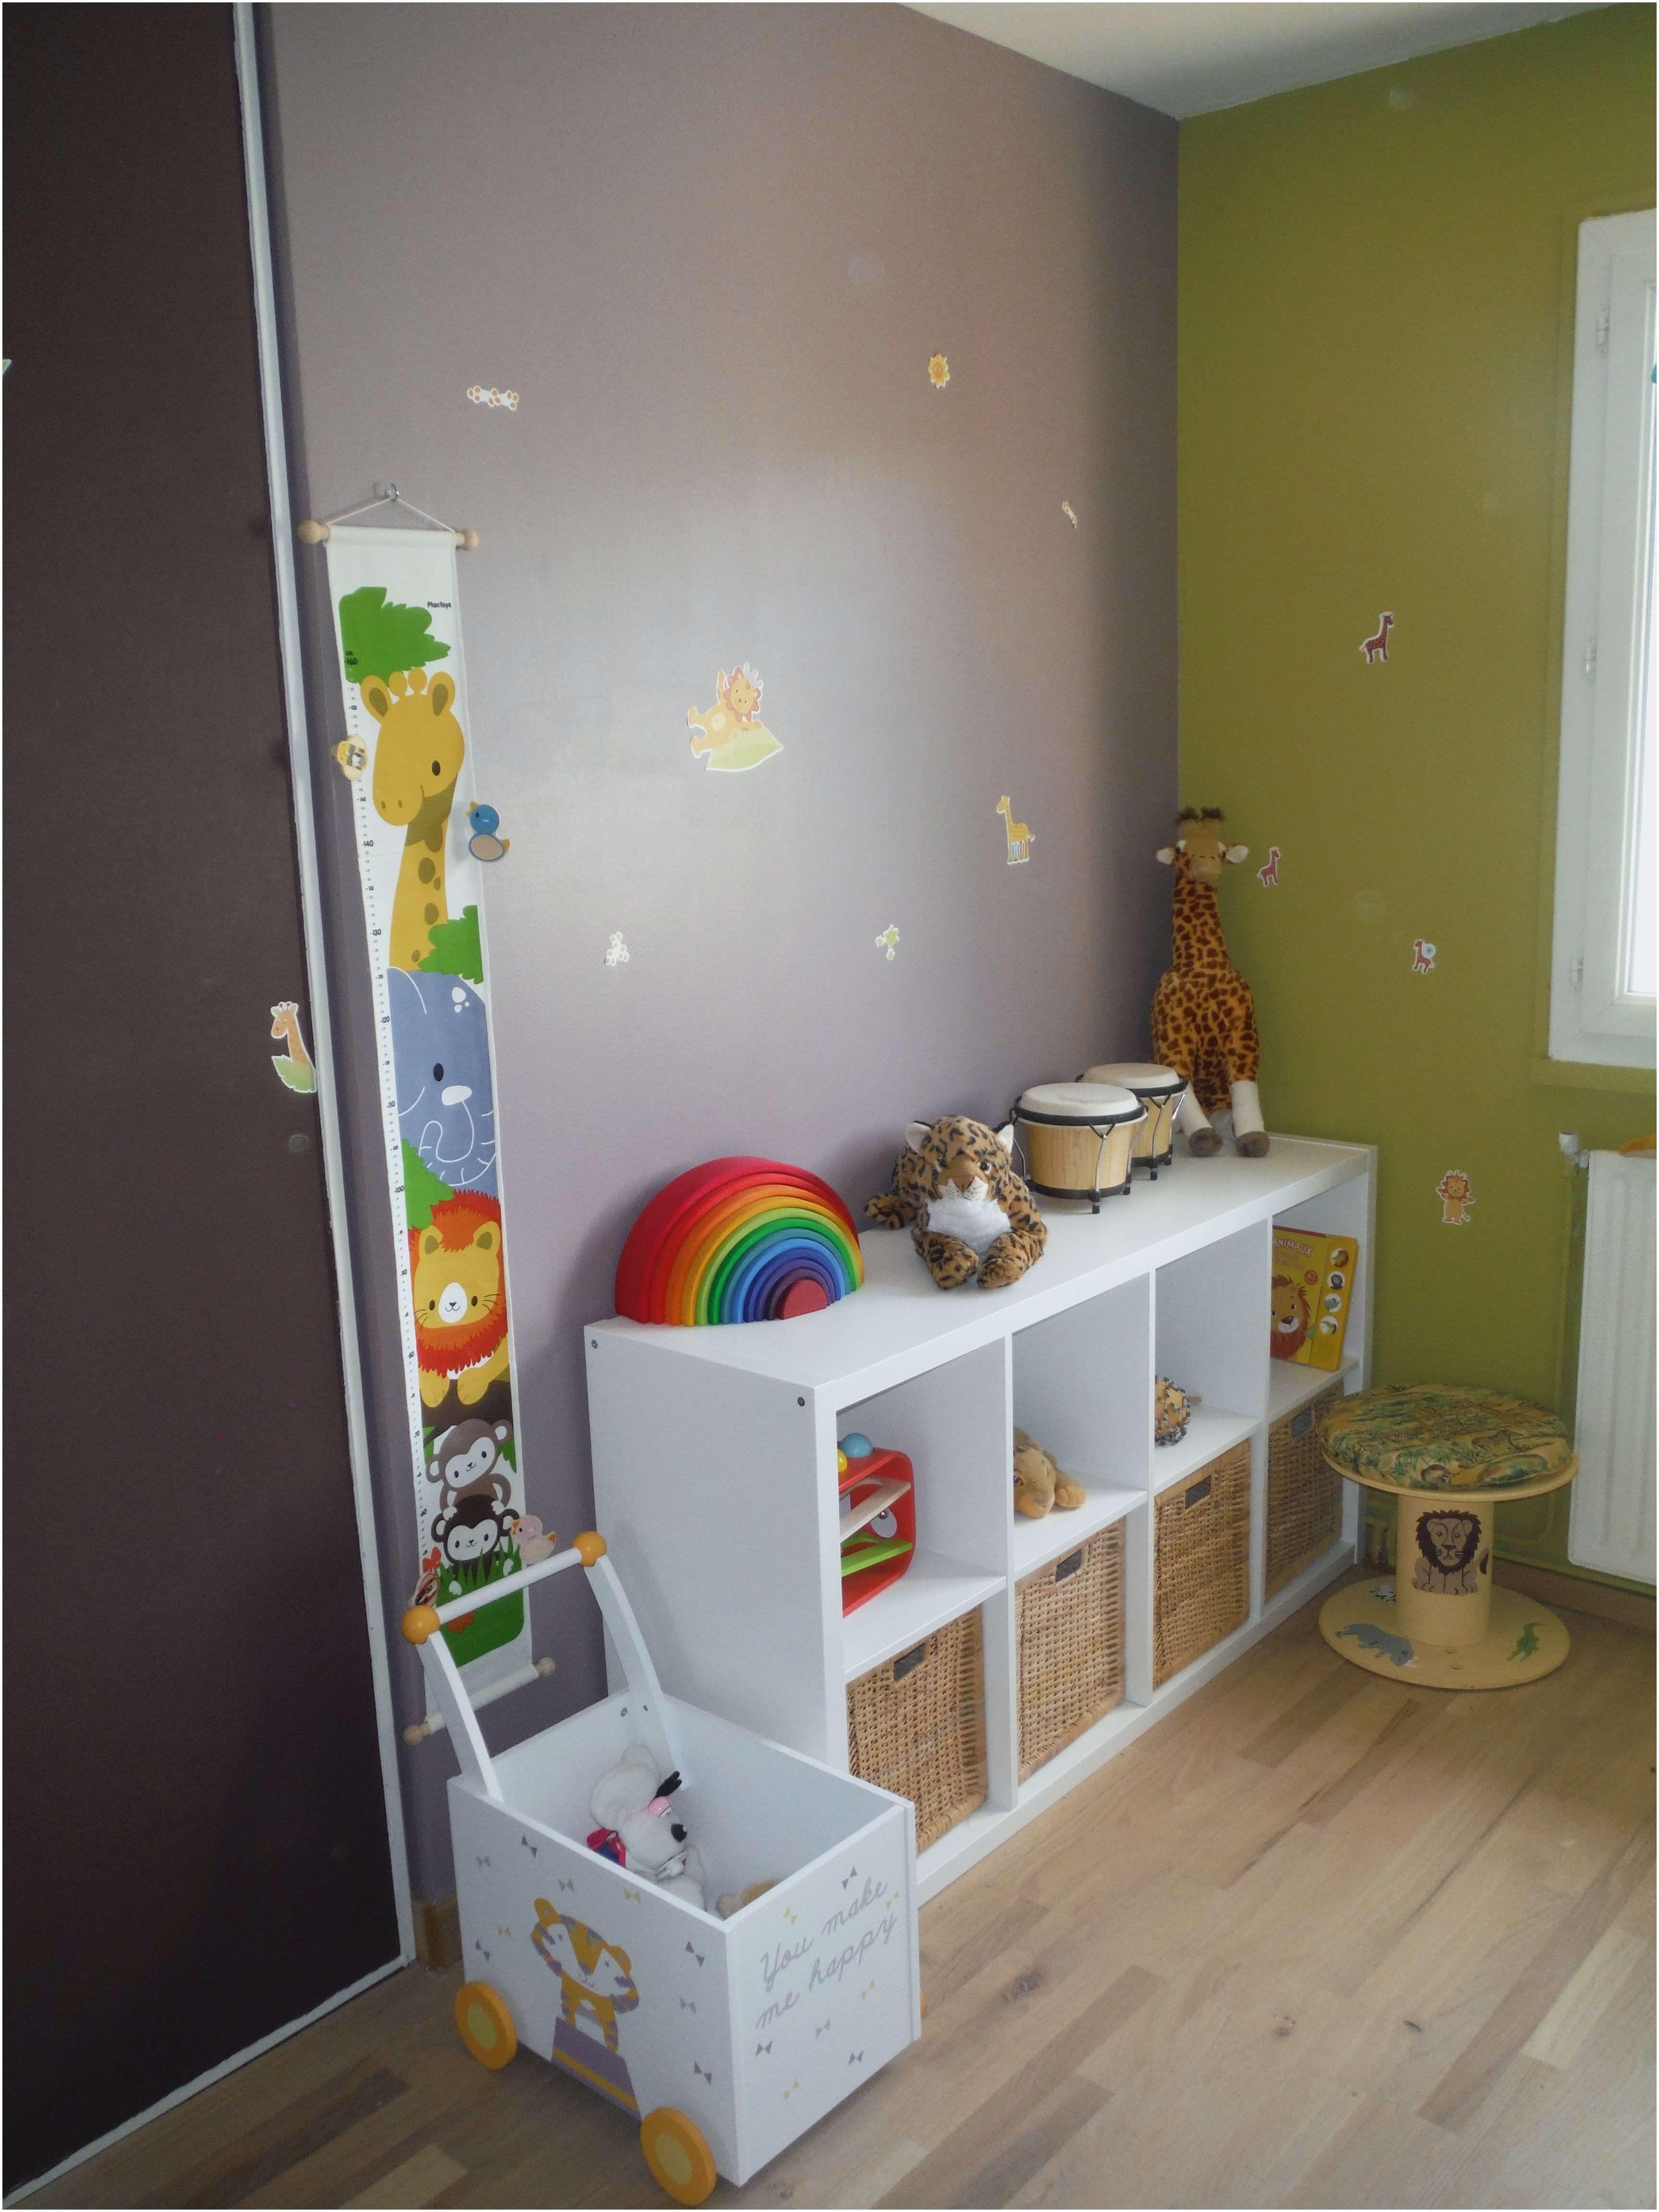 Lit Au Sol Bébé Montessori Inspirant Frais Bébé Fille Inspirant Graphie Parc B C3 A9b C3 A9 Gris Pour